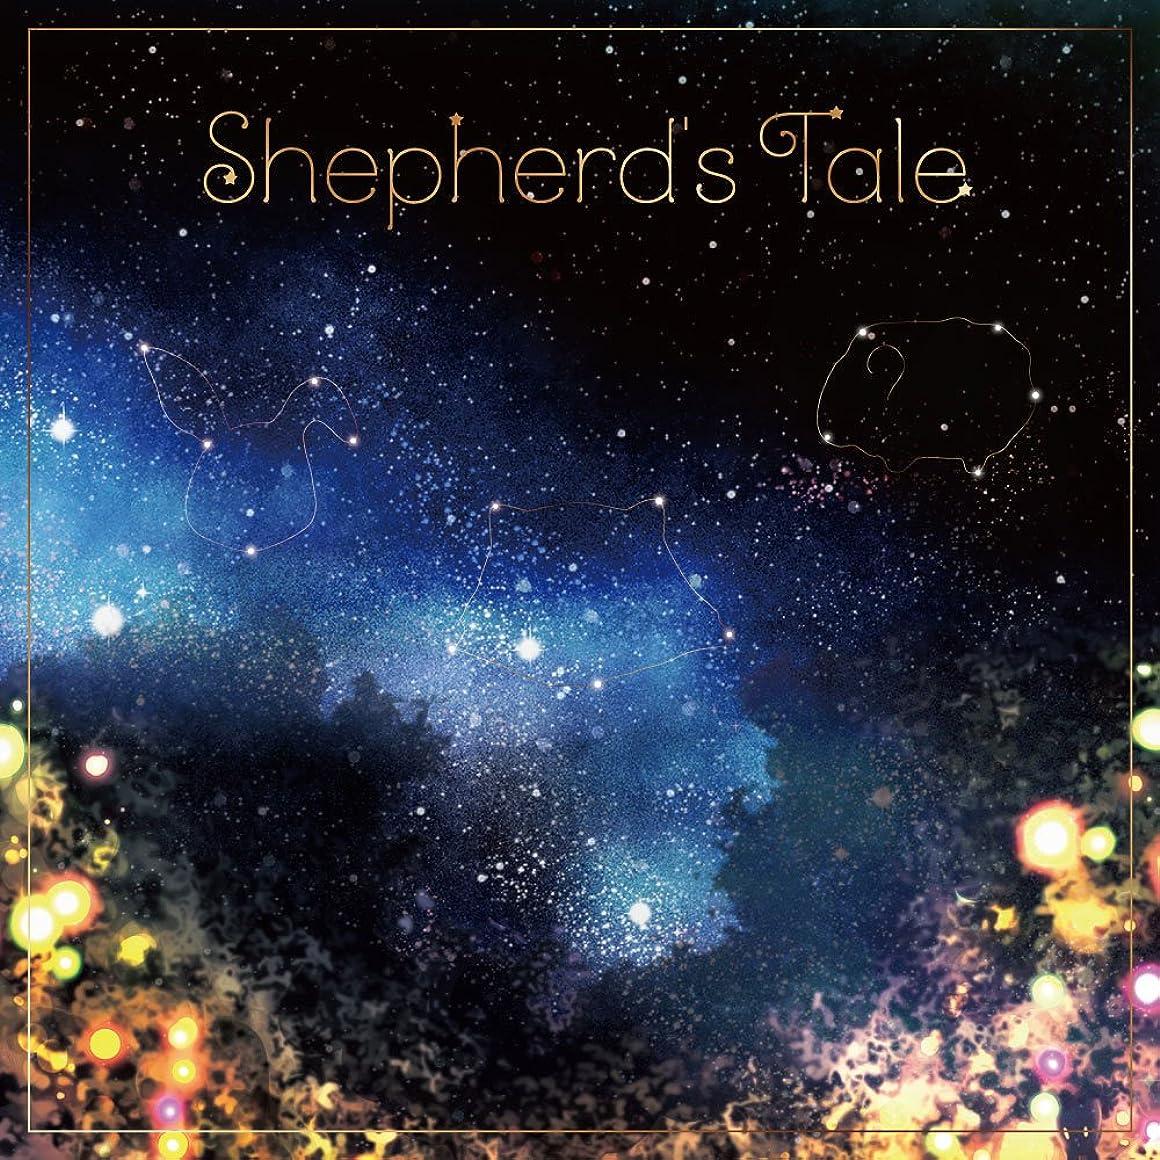 持ってる東方強風AUGUST LIVE! 2018 民族楽器アレンジ集 Shepherd's Tale